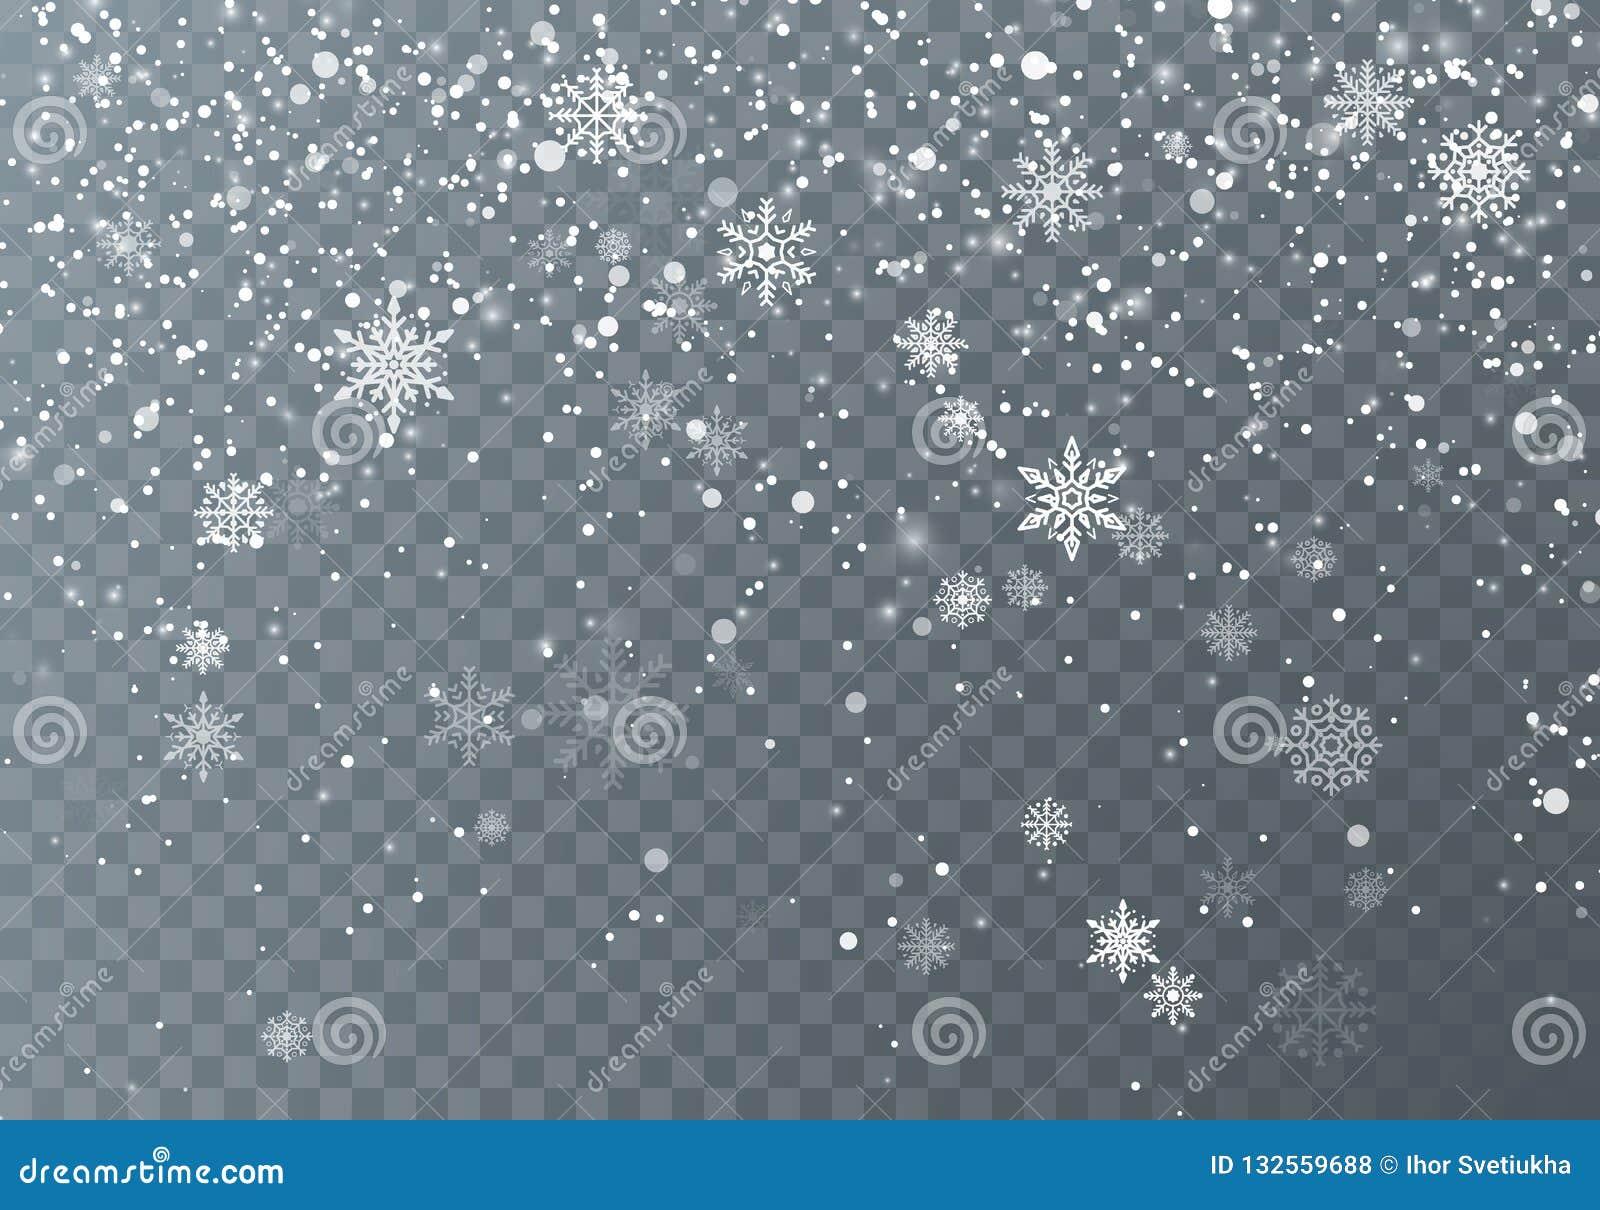 Snowfall Neige de Noël Flocons de neige en baisse sur le fond transparent foncé Fond de vacances de Noël Illustration de vecteur